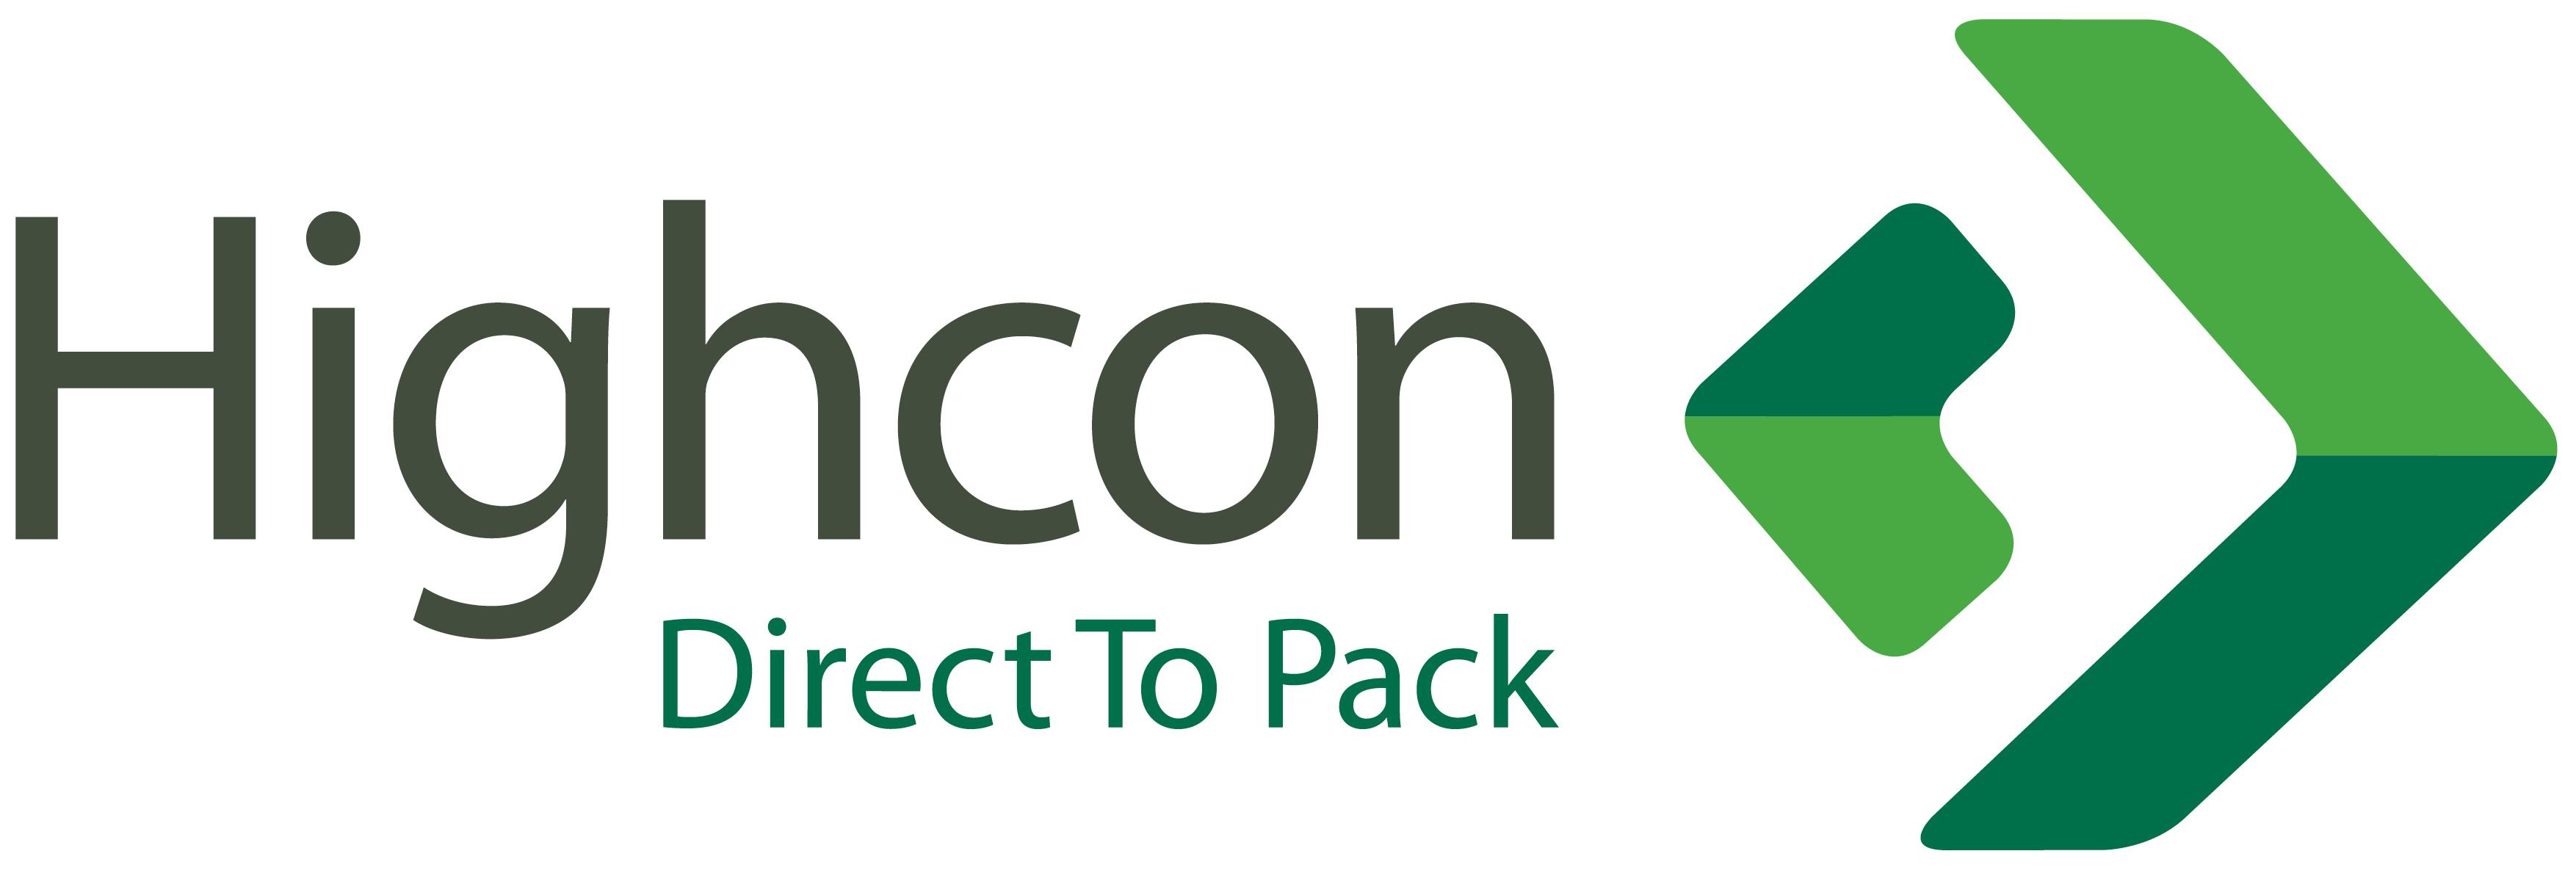 highcon-logo-highres